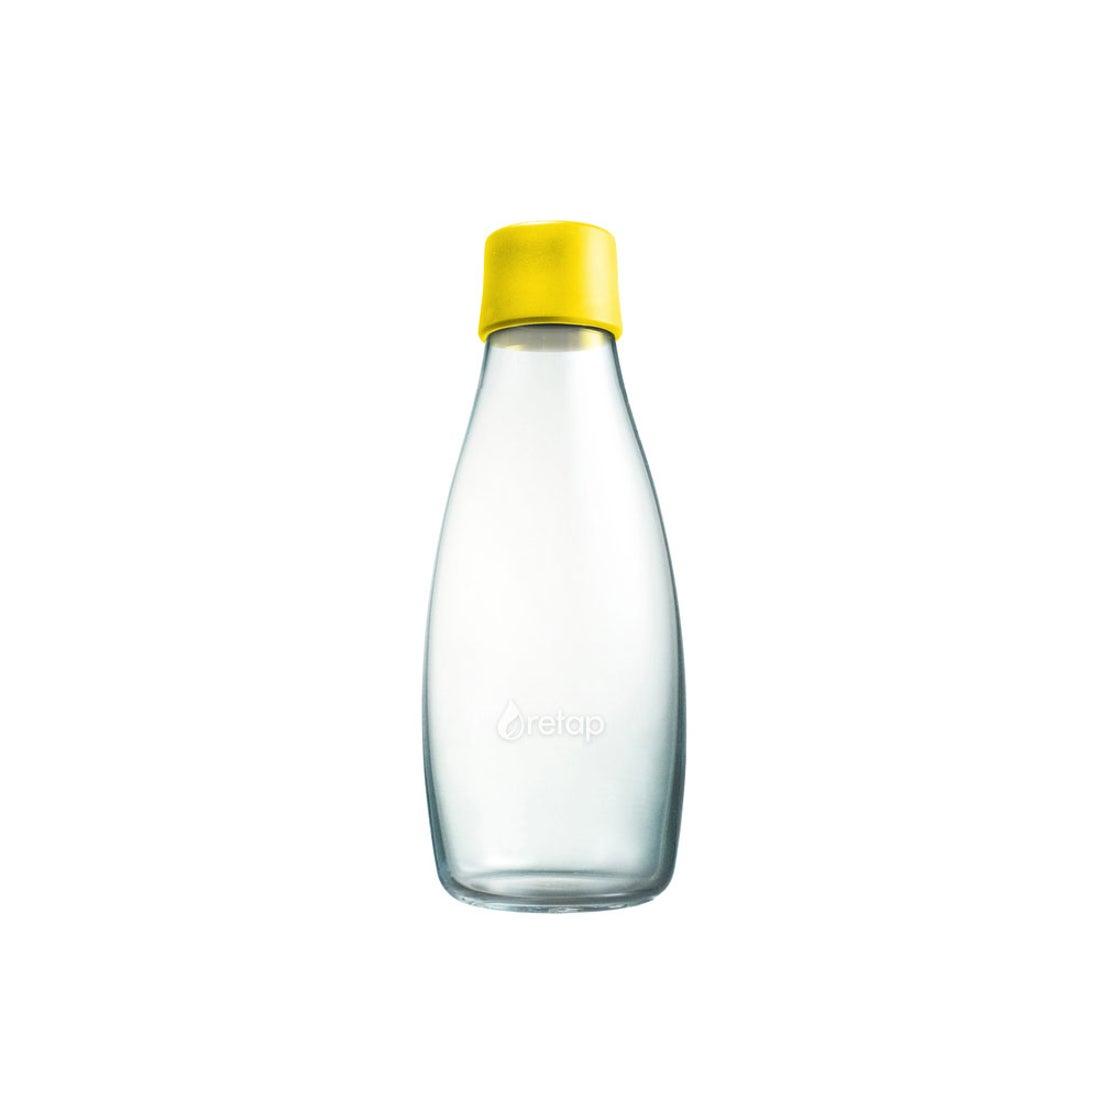 ノーブランド No Brand retapbottle05 リタップボトル 500ml (イエロー)